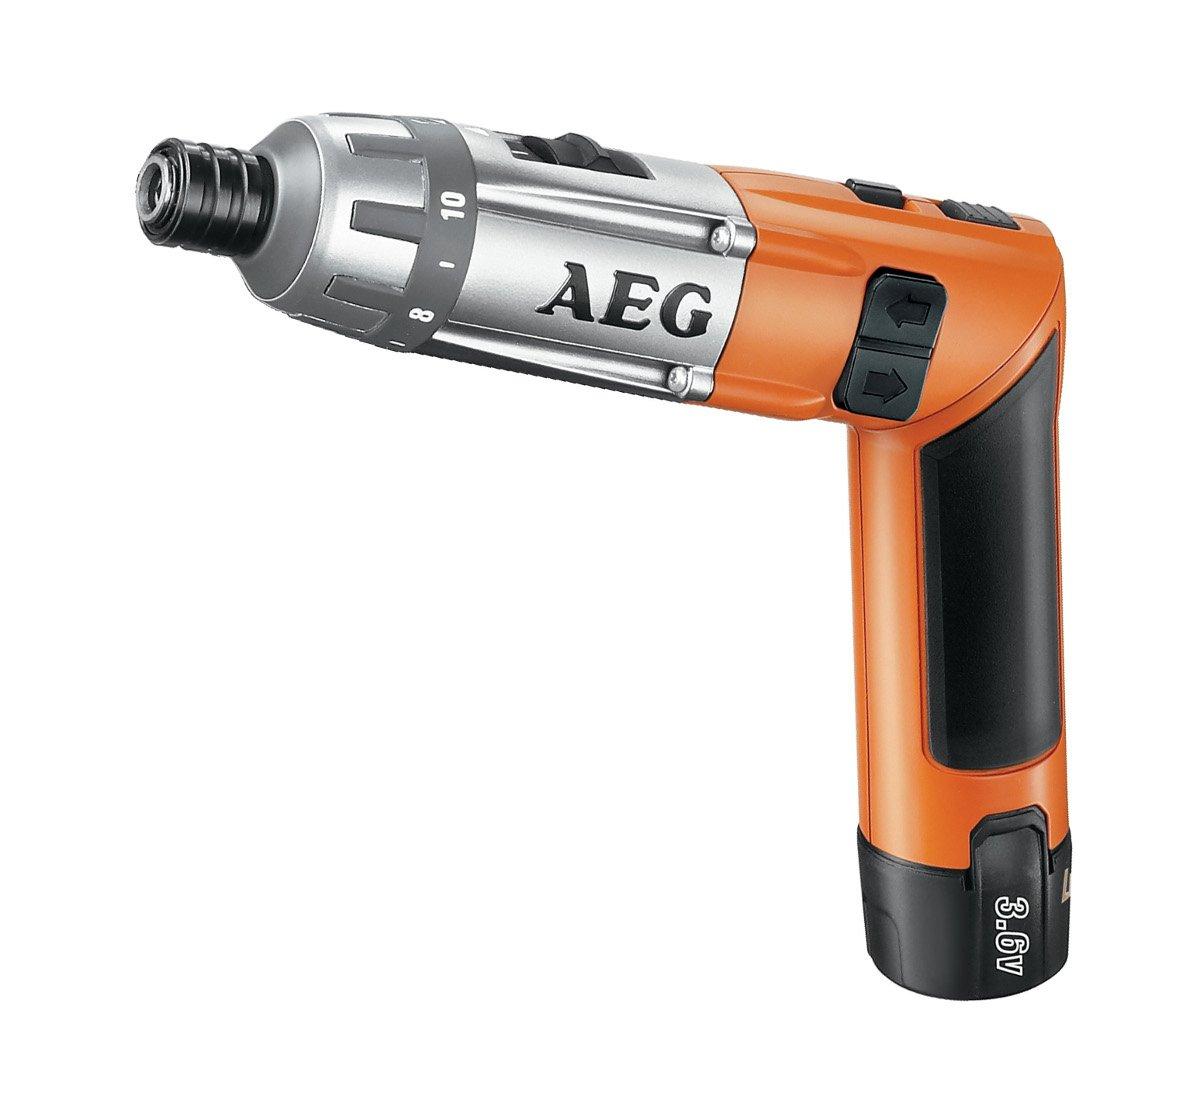 AEG 4935413165 SE Visseuse sans fil Batterie Li-Ion 3, 6 V / 1, 5 Ah (Import Allemagne)